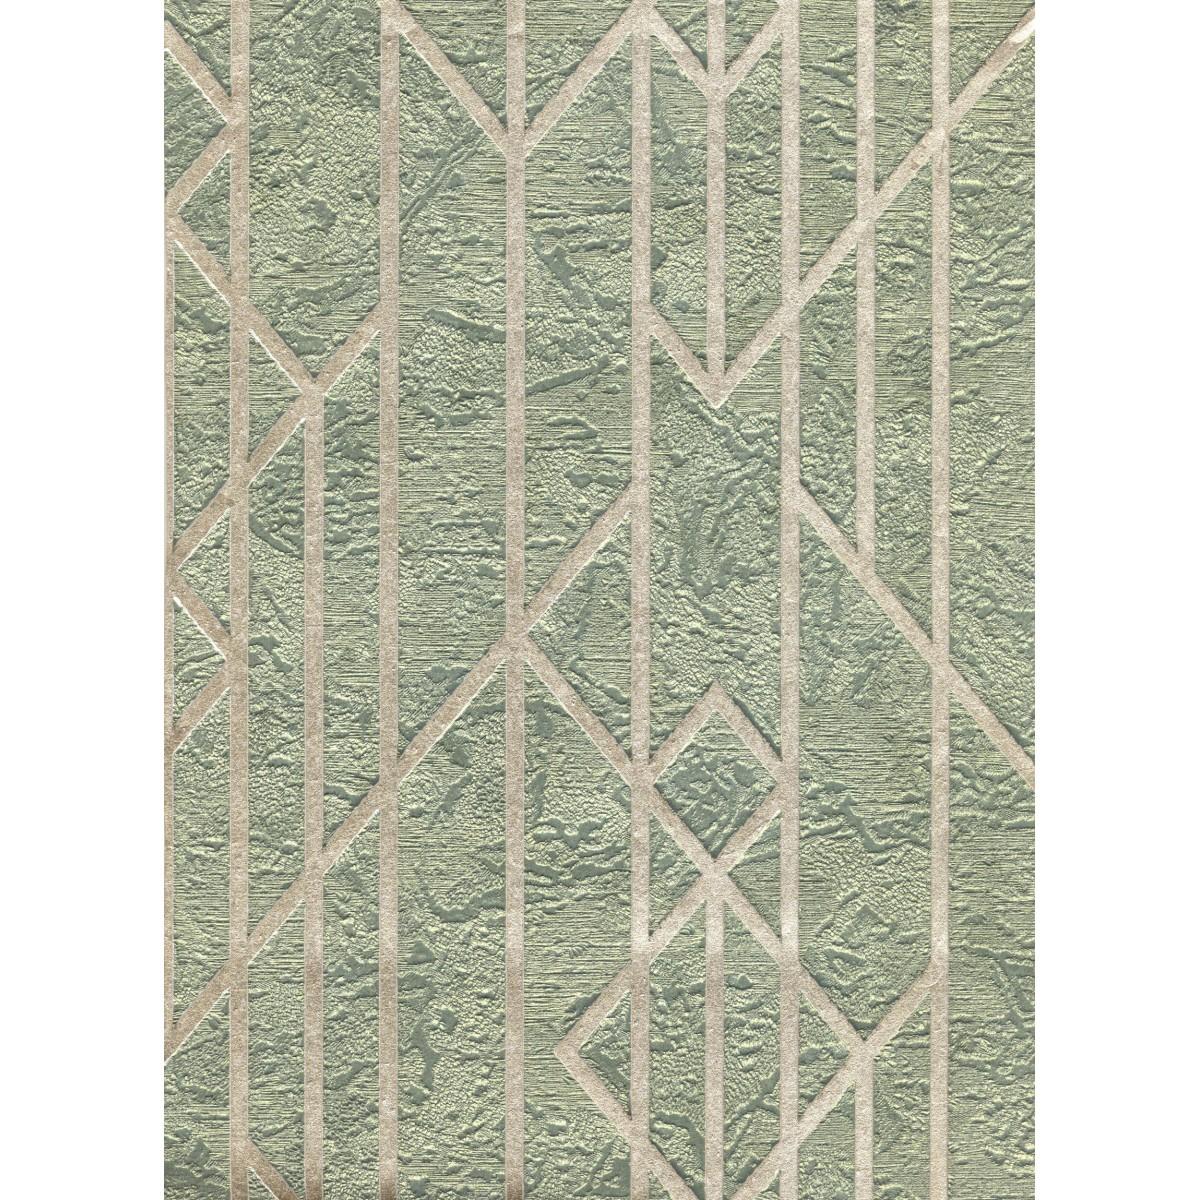 Обои флизелиновые Euro Decor Maximus зеленые 1.06 м 3729-6